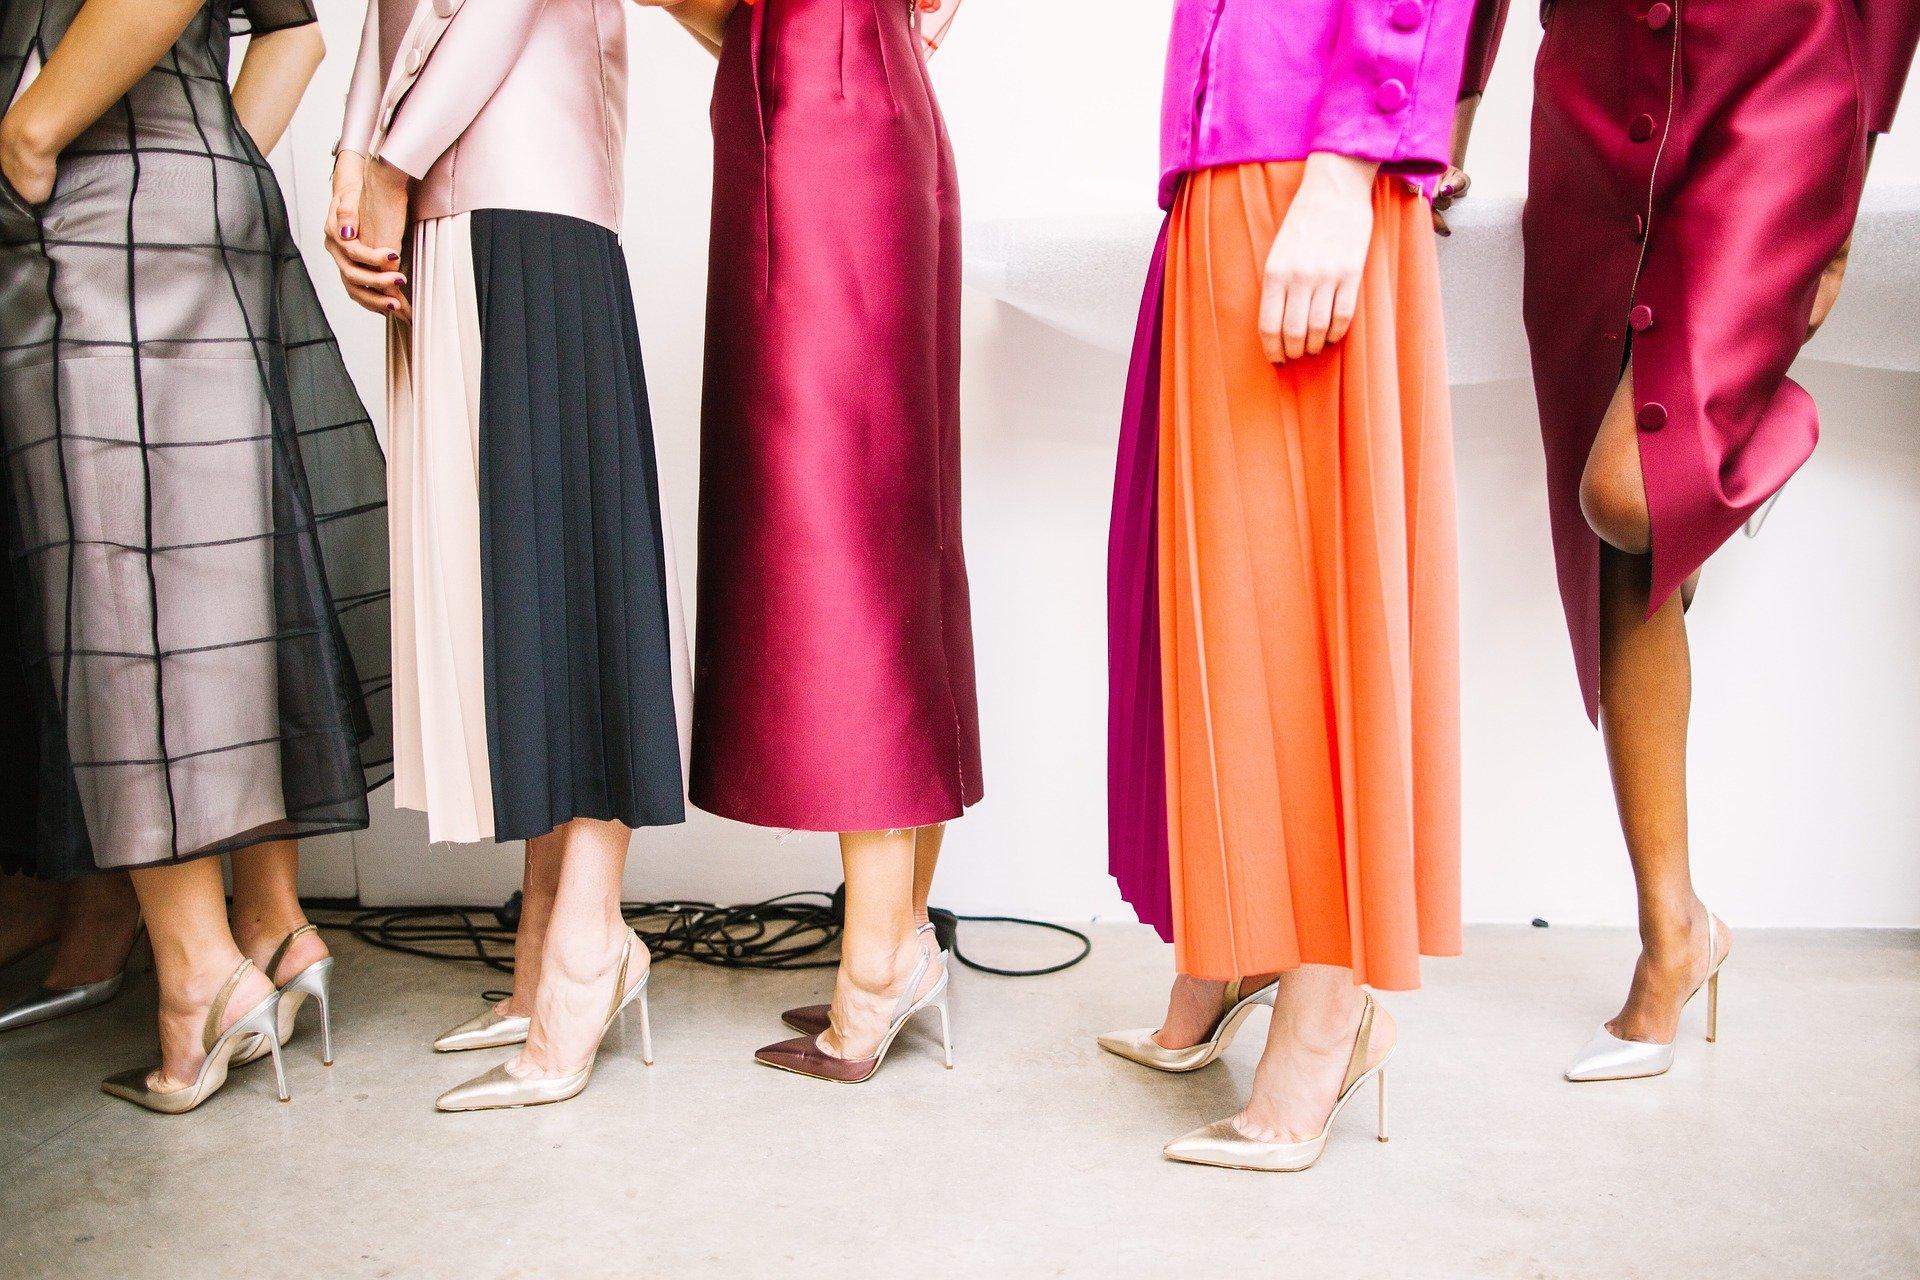 4 high-heels-2561844_1920